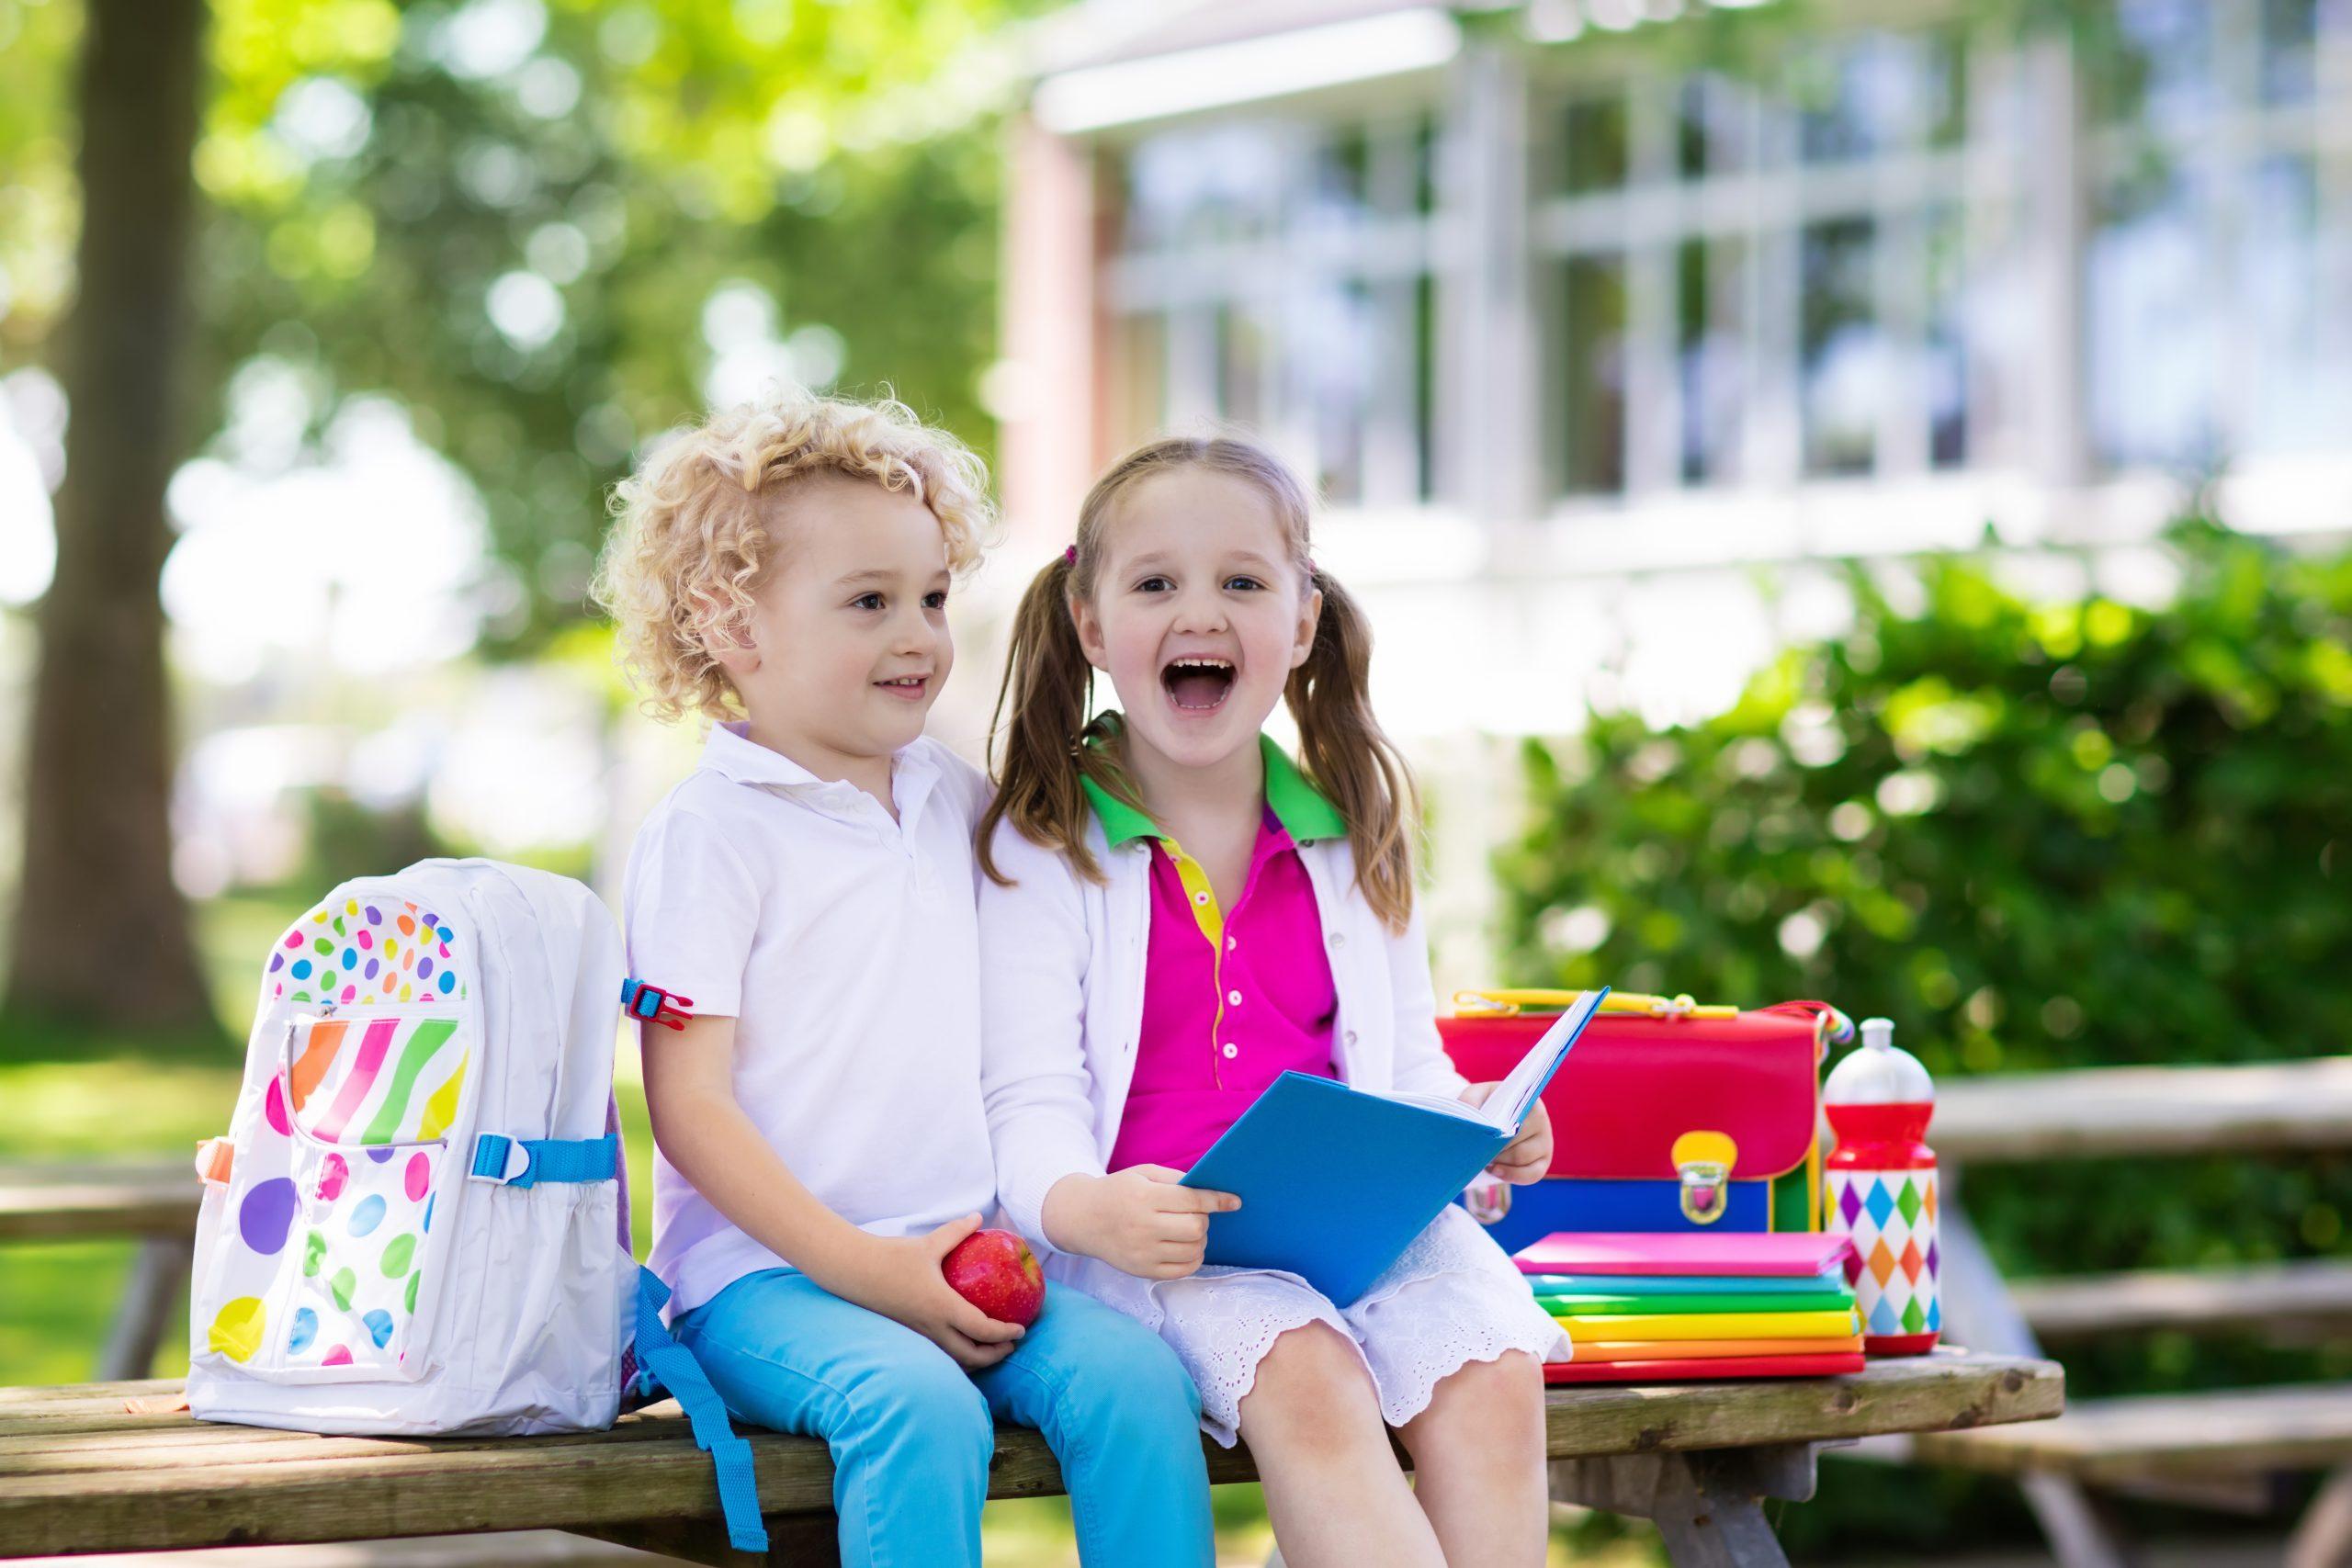 children sitting on school bench